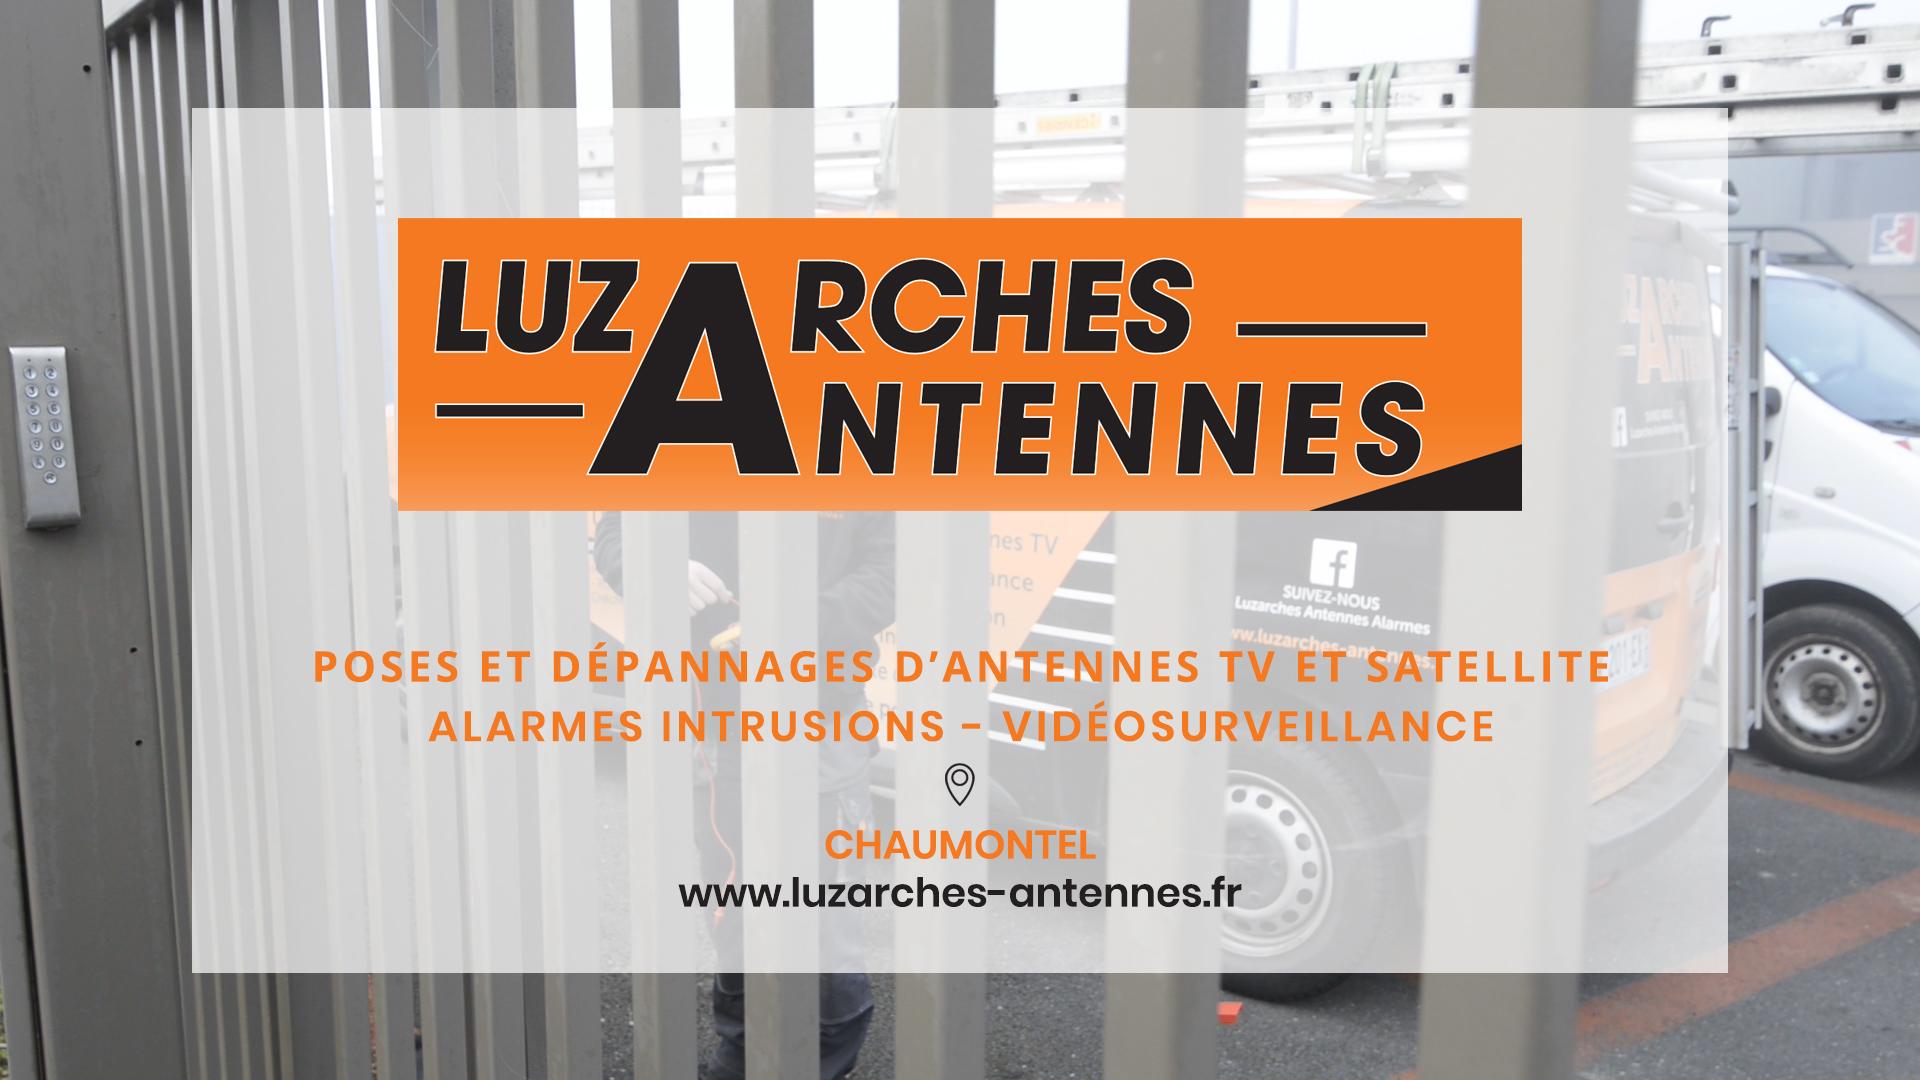 Luzarches Antennes - CHAUMONTEL